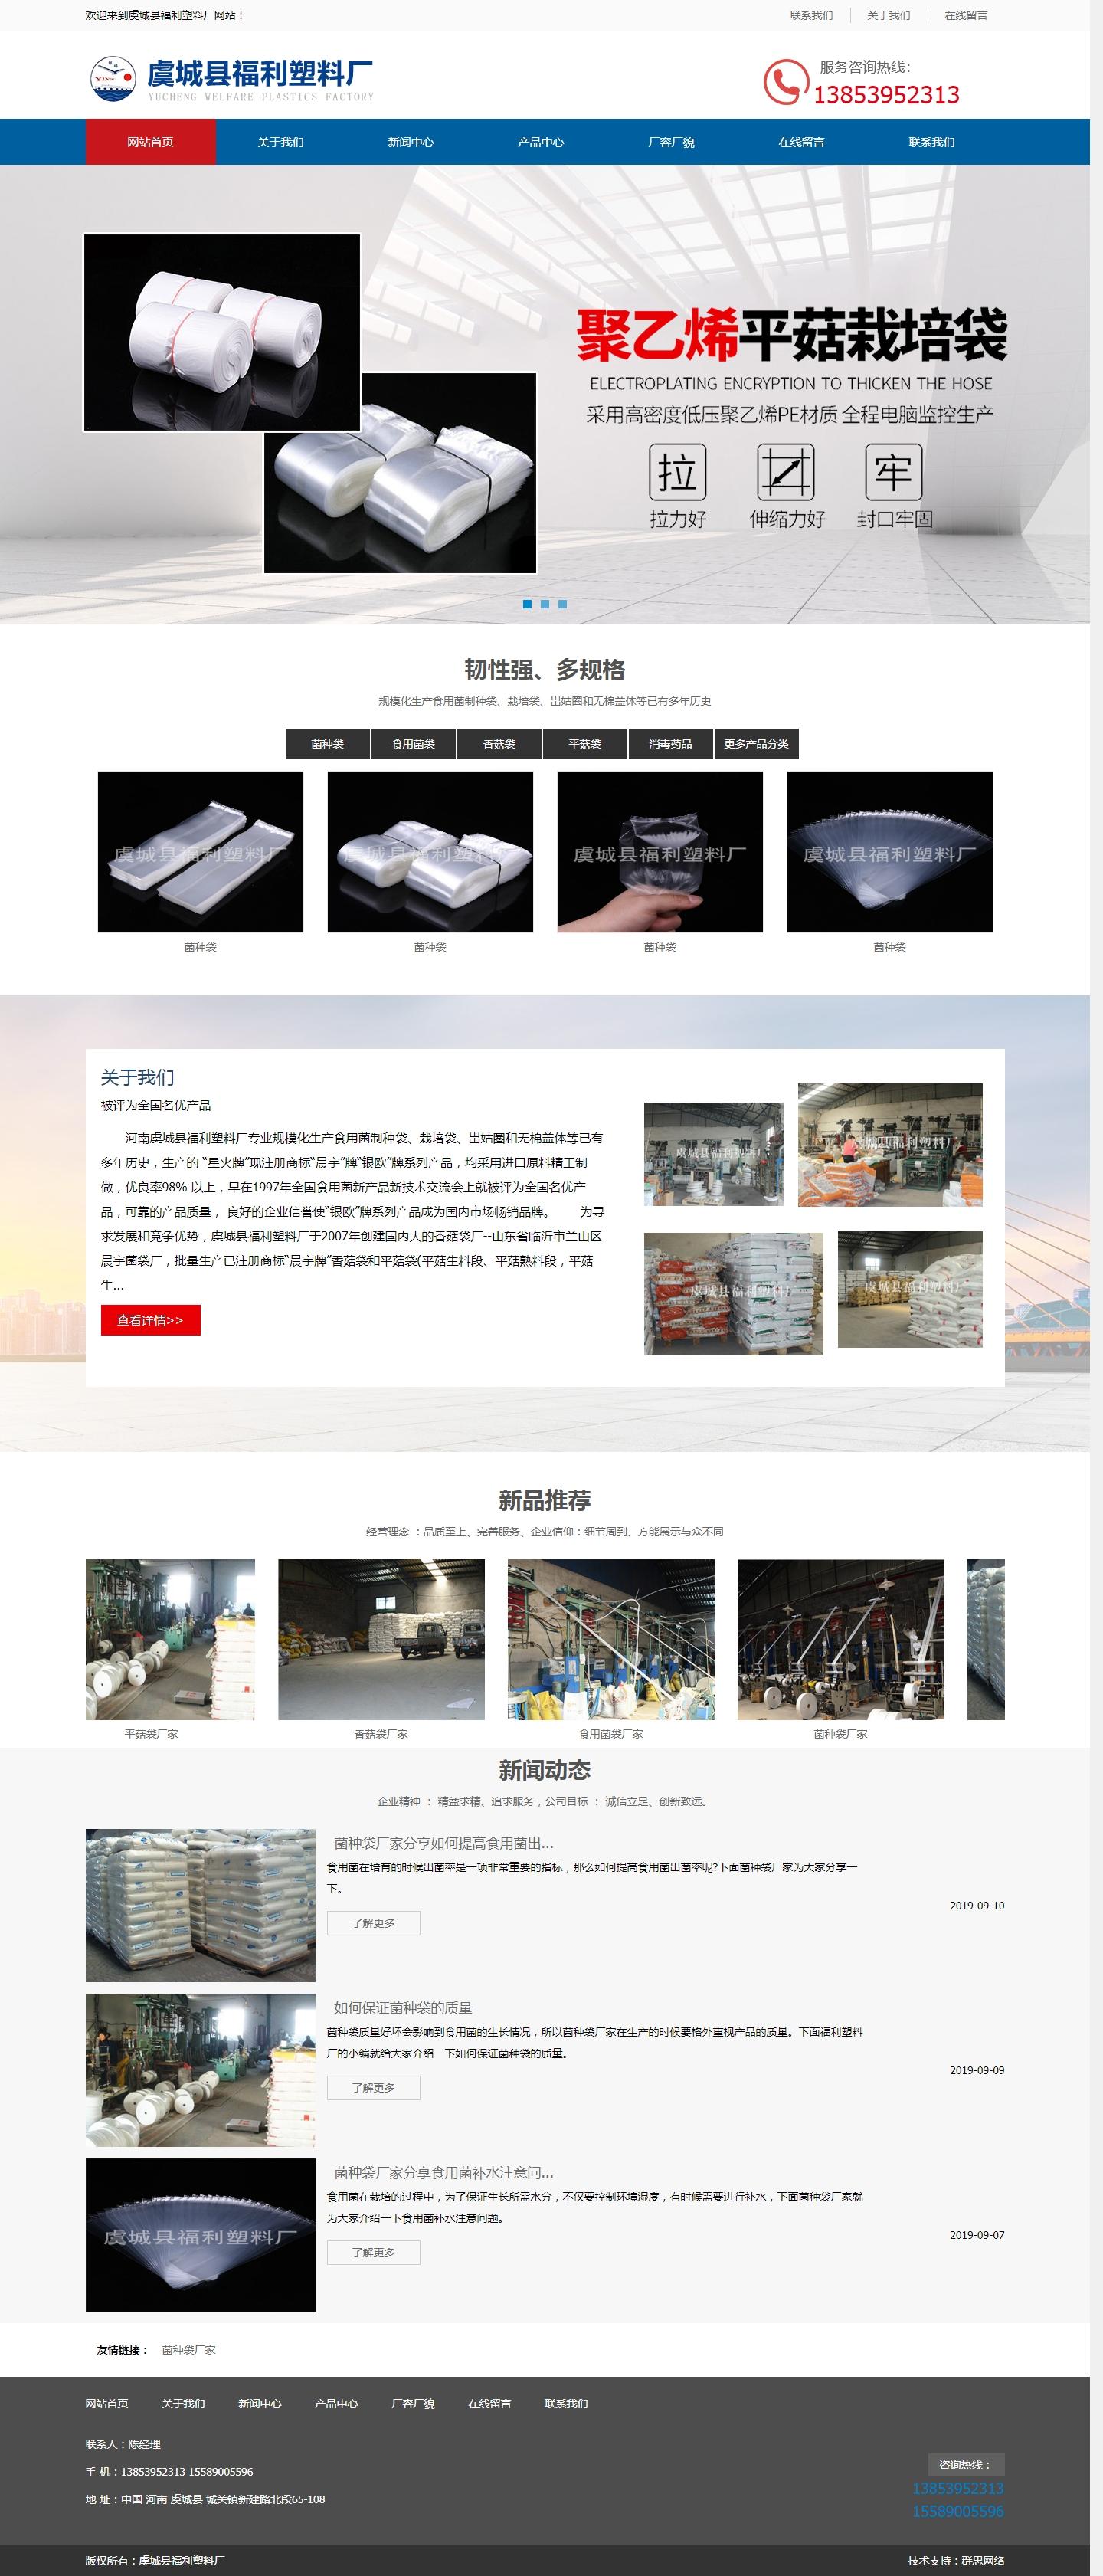 虞城县福利塑料厂